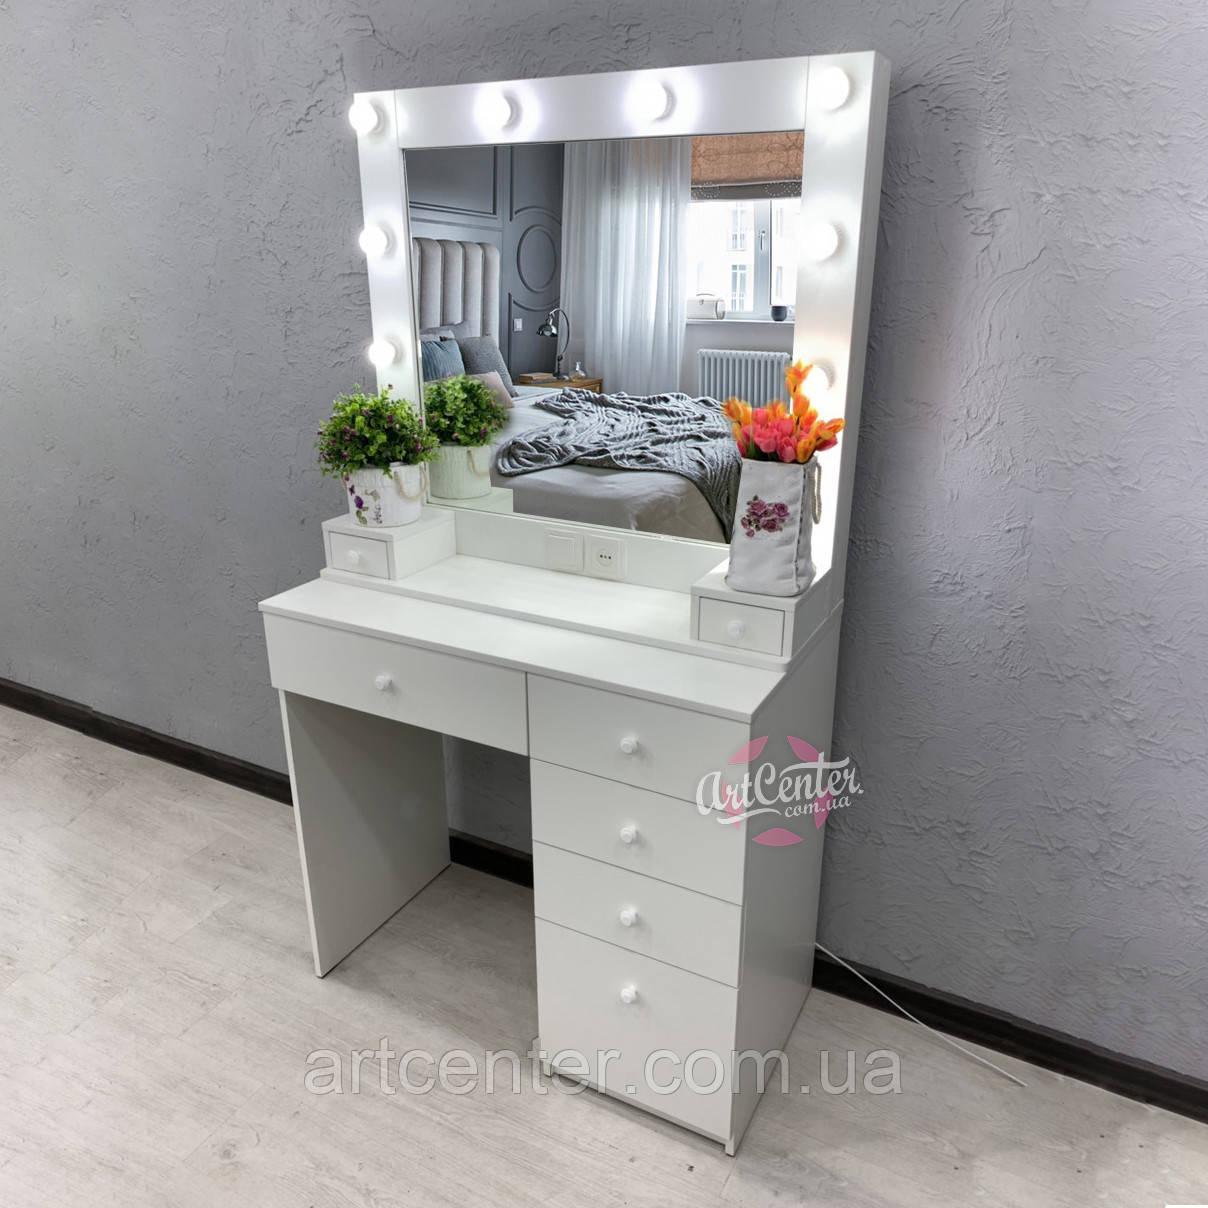 Стол для визажиста, туалетный столик белого цвета